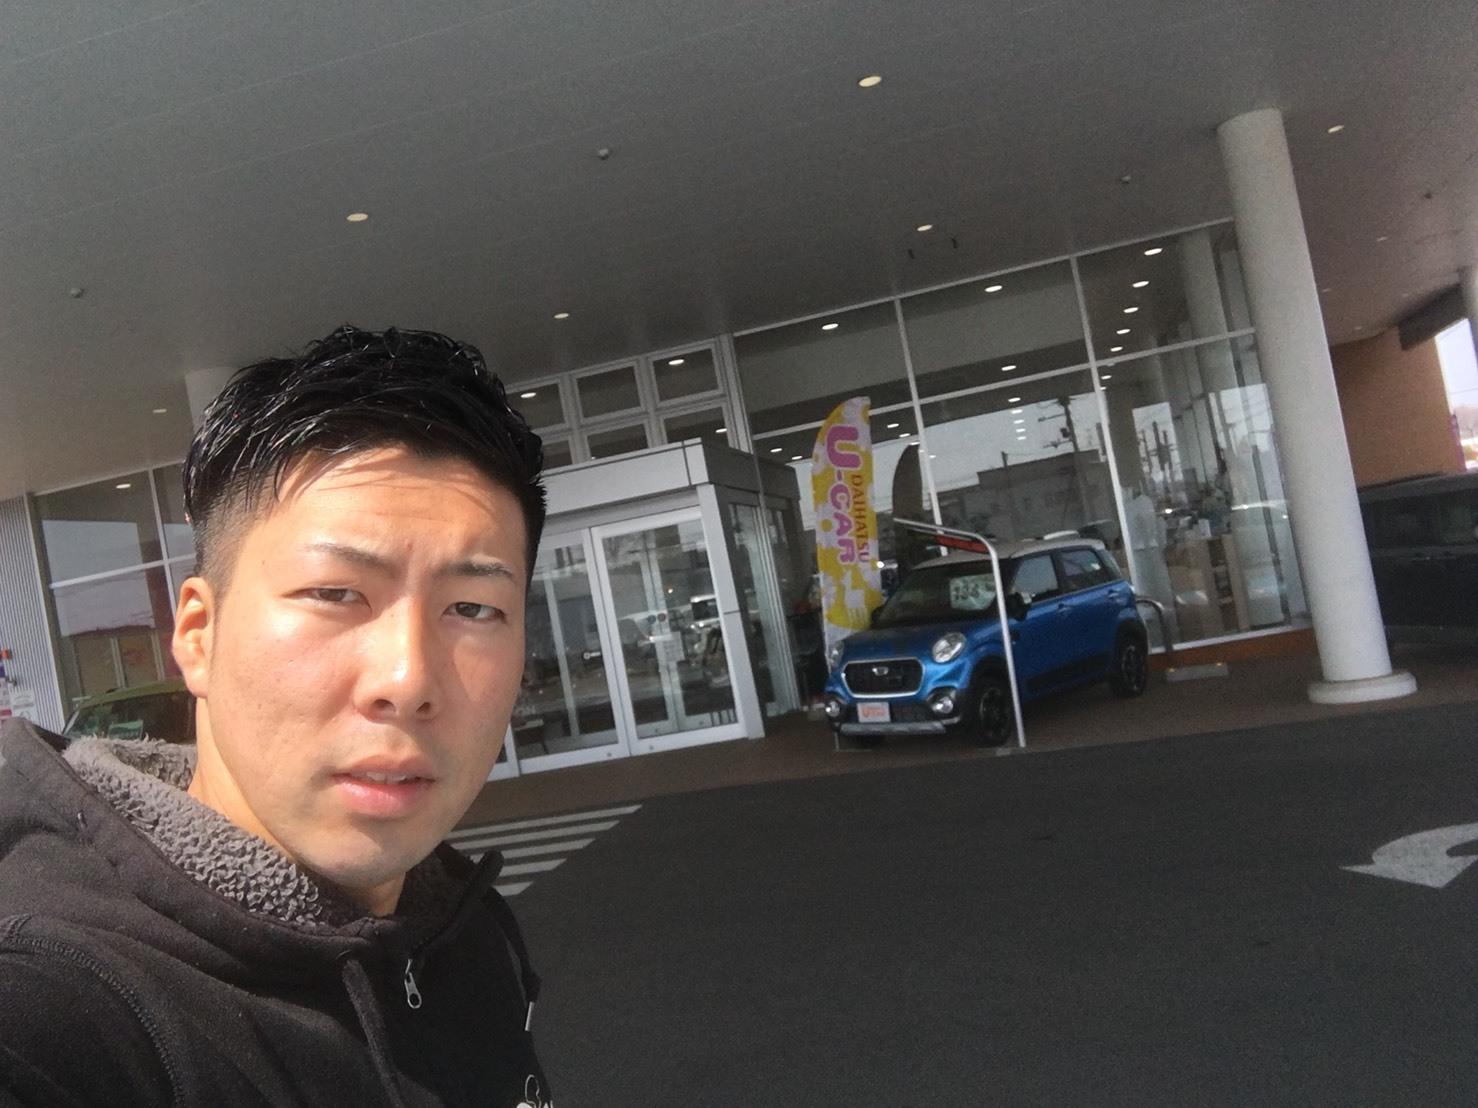 4月23日(月)トミーベース カスタムブログ☆S様キャンバス O様フォレスタ納車☆_b0127002_11561151.jpg